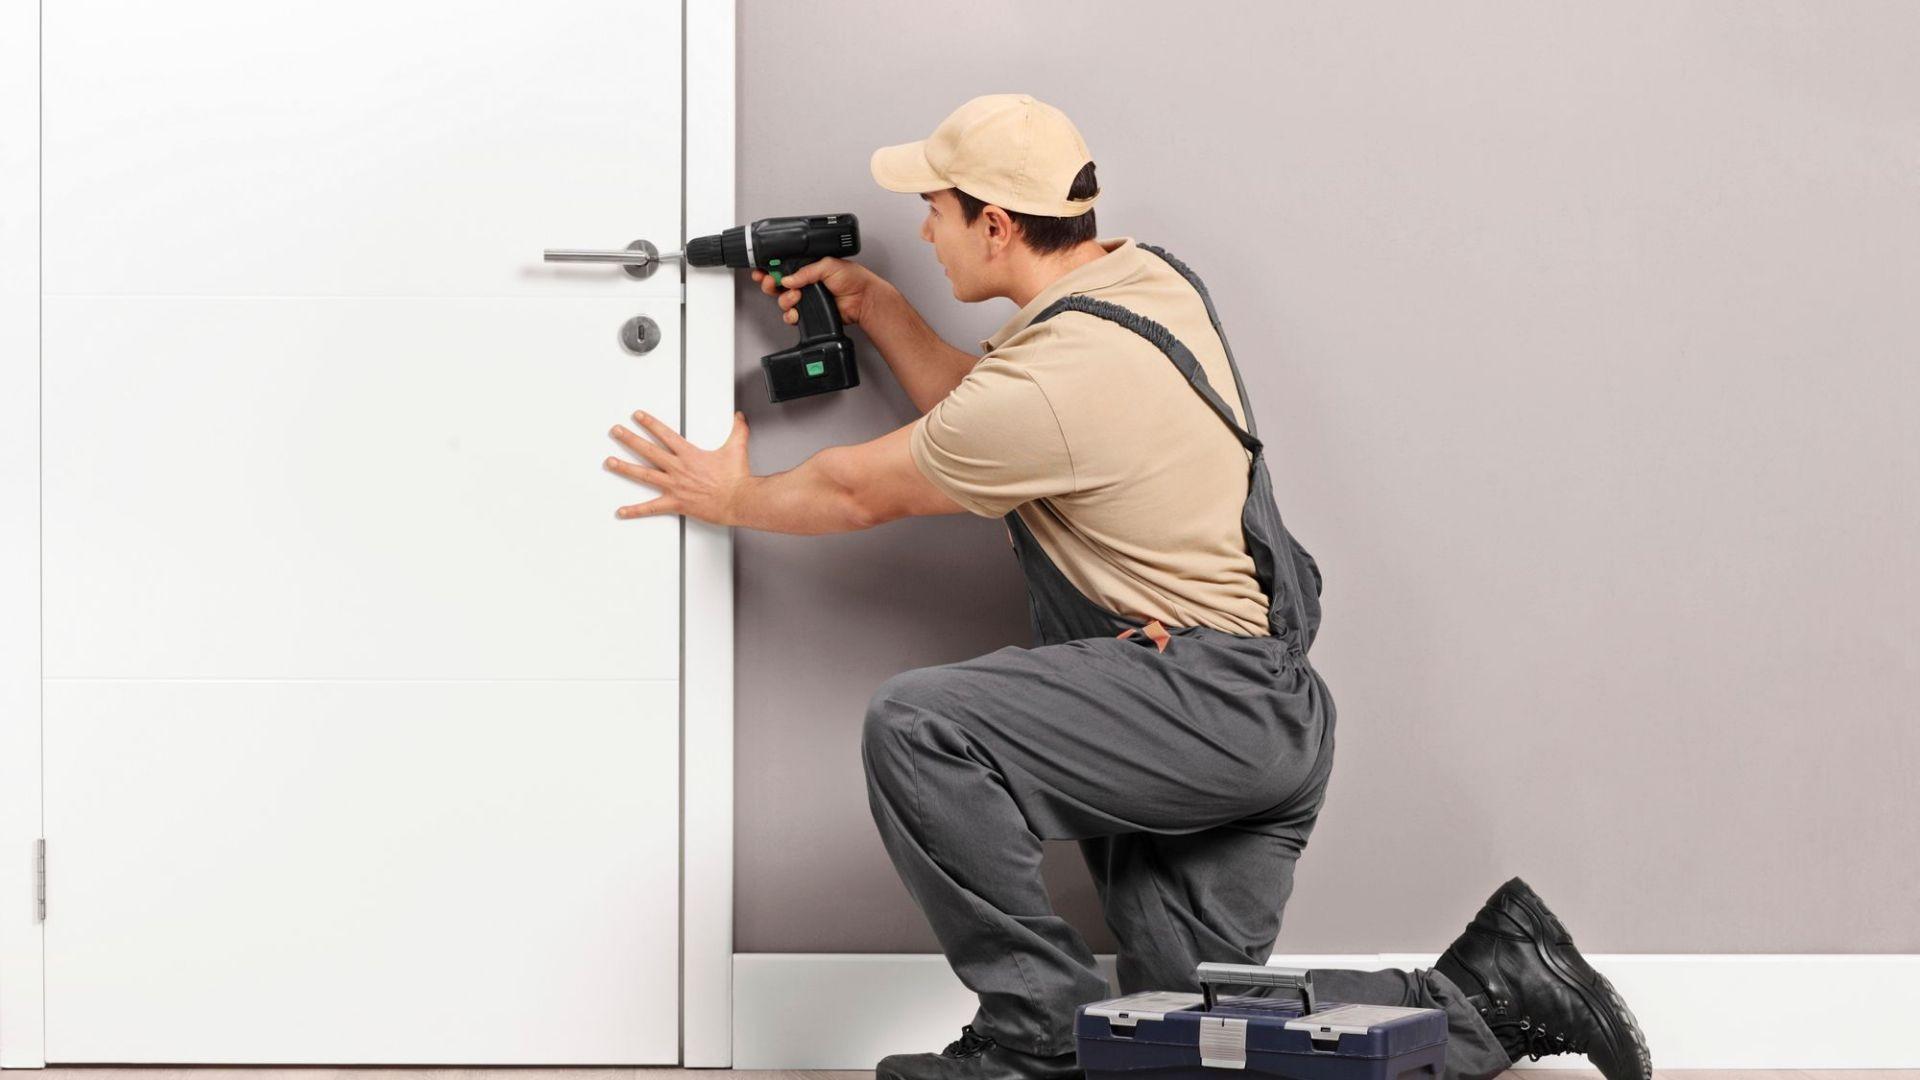 000 cerrajero cerrajería apertura de puertas cerraduras